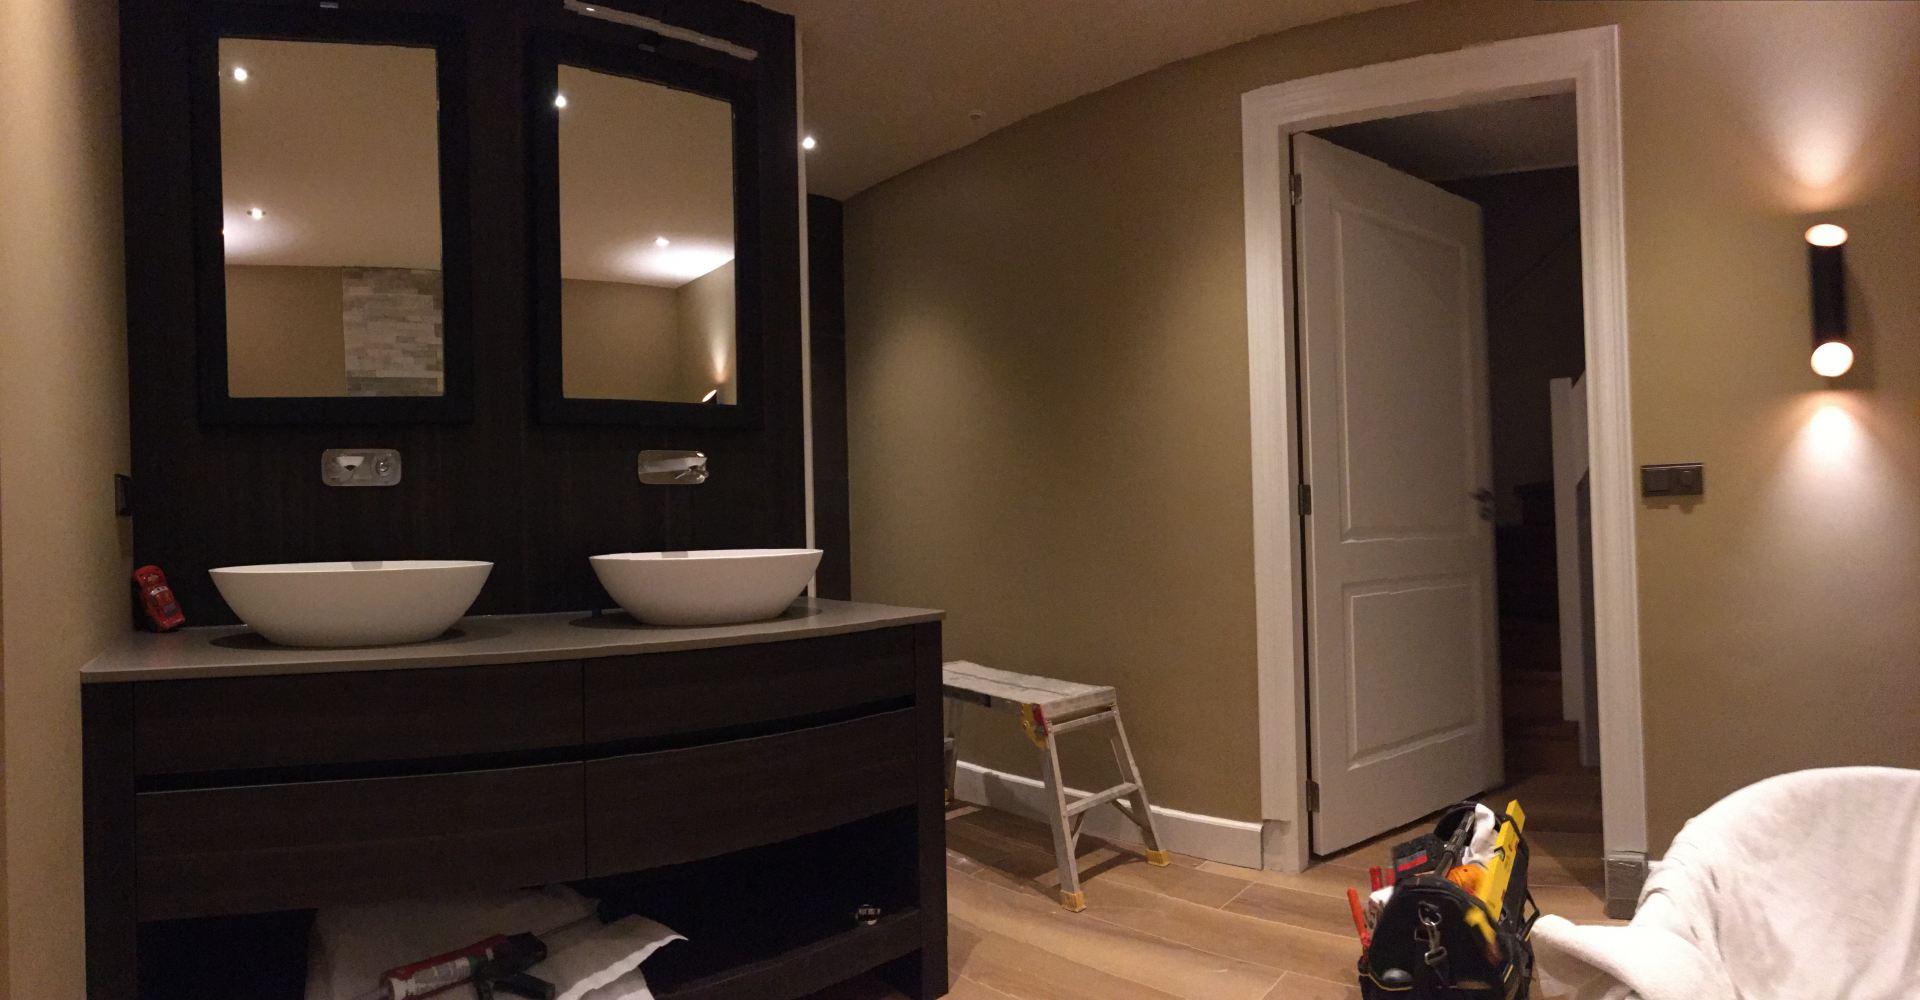 Bouwplaat Voor Badkamer : Qboard badkamer replies retweets like badkamer stucen qboard